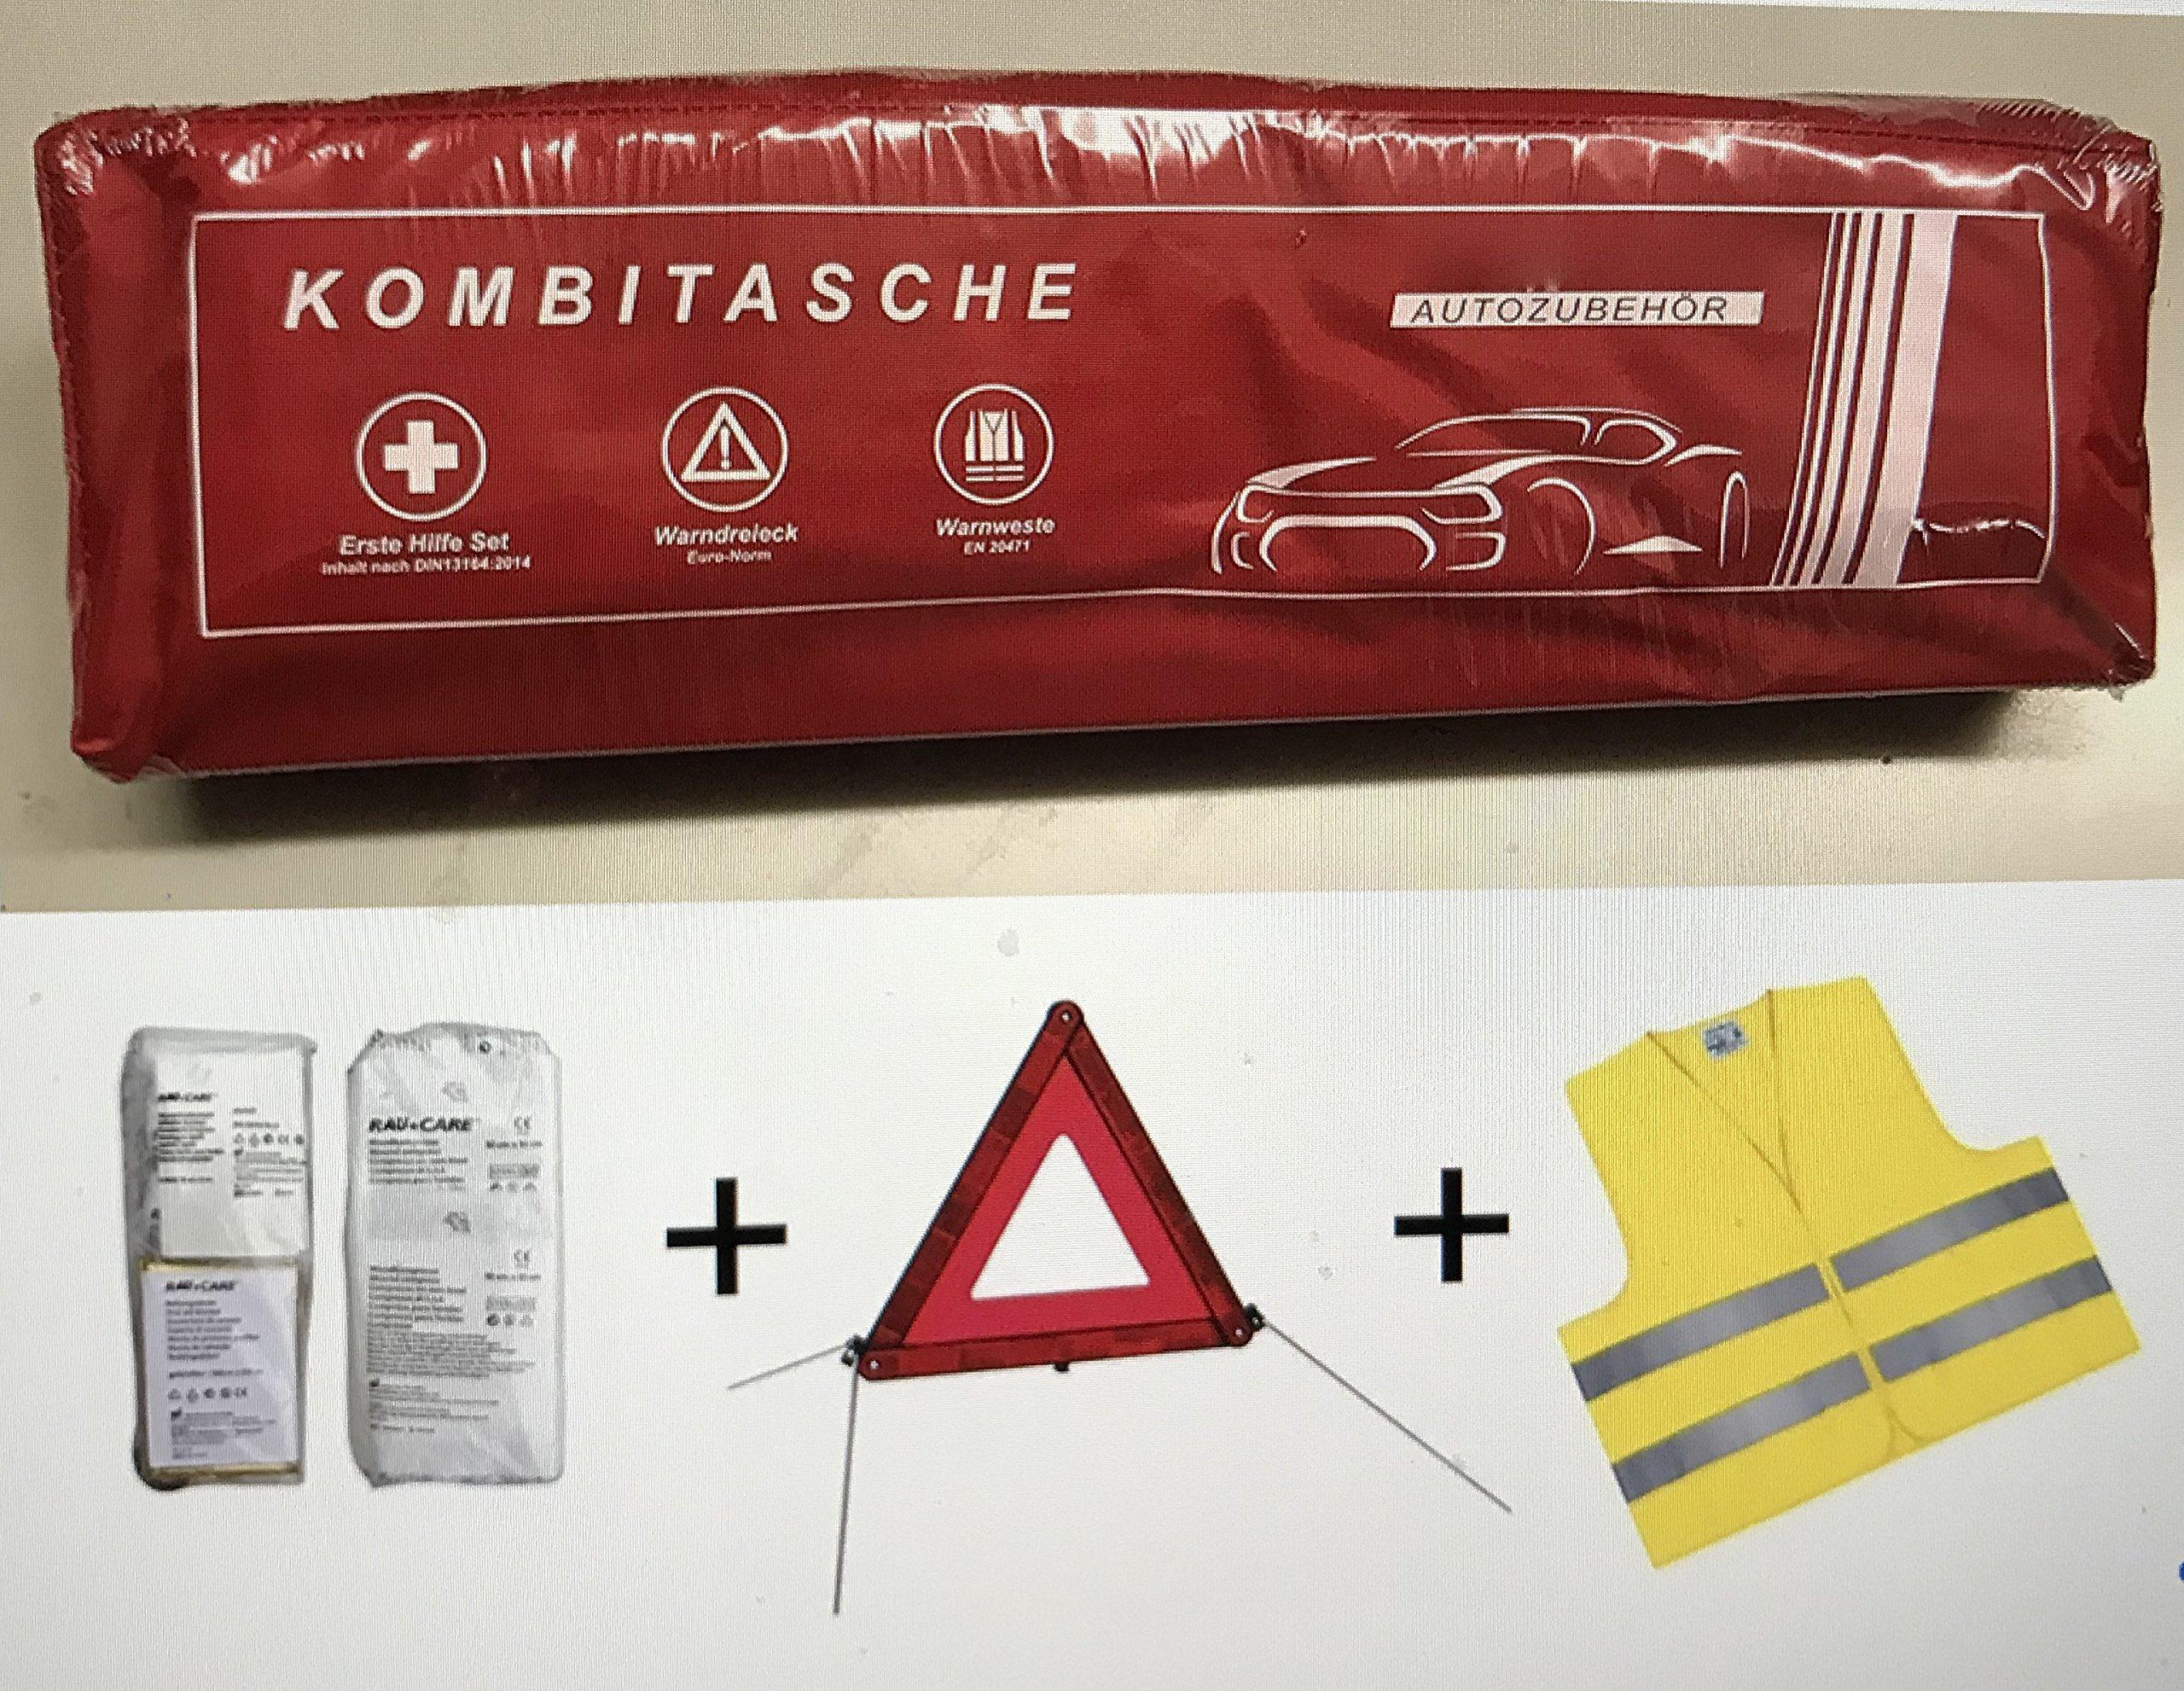 Phil trade Sacoche multifonctions pour véhicule Rouge Contient une trousse de secours conforme à la norme DIN 13164, un triangle de signalisation ECE, un gilet de sécurité